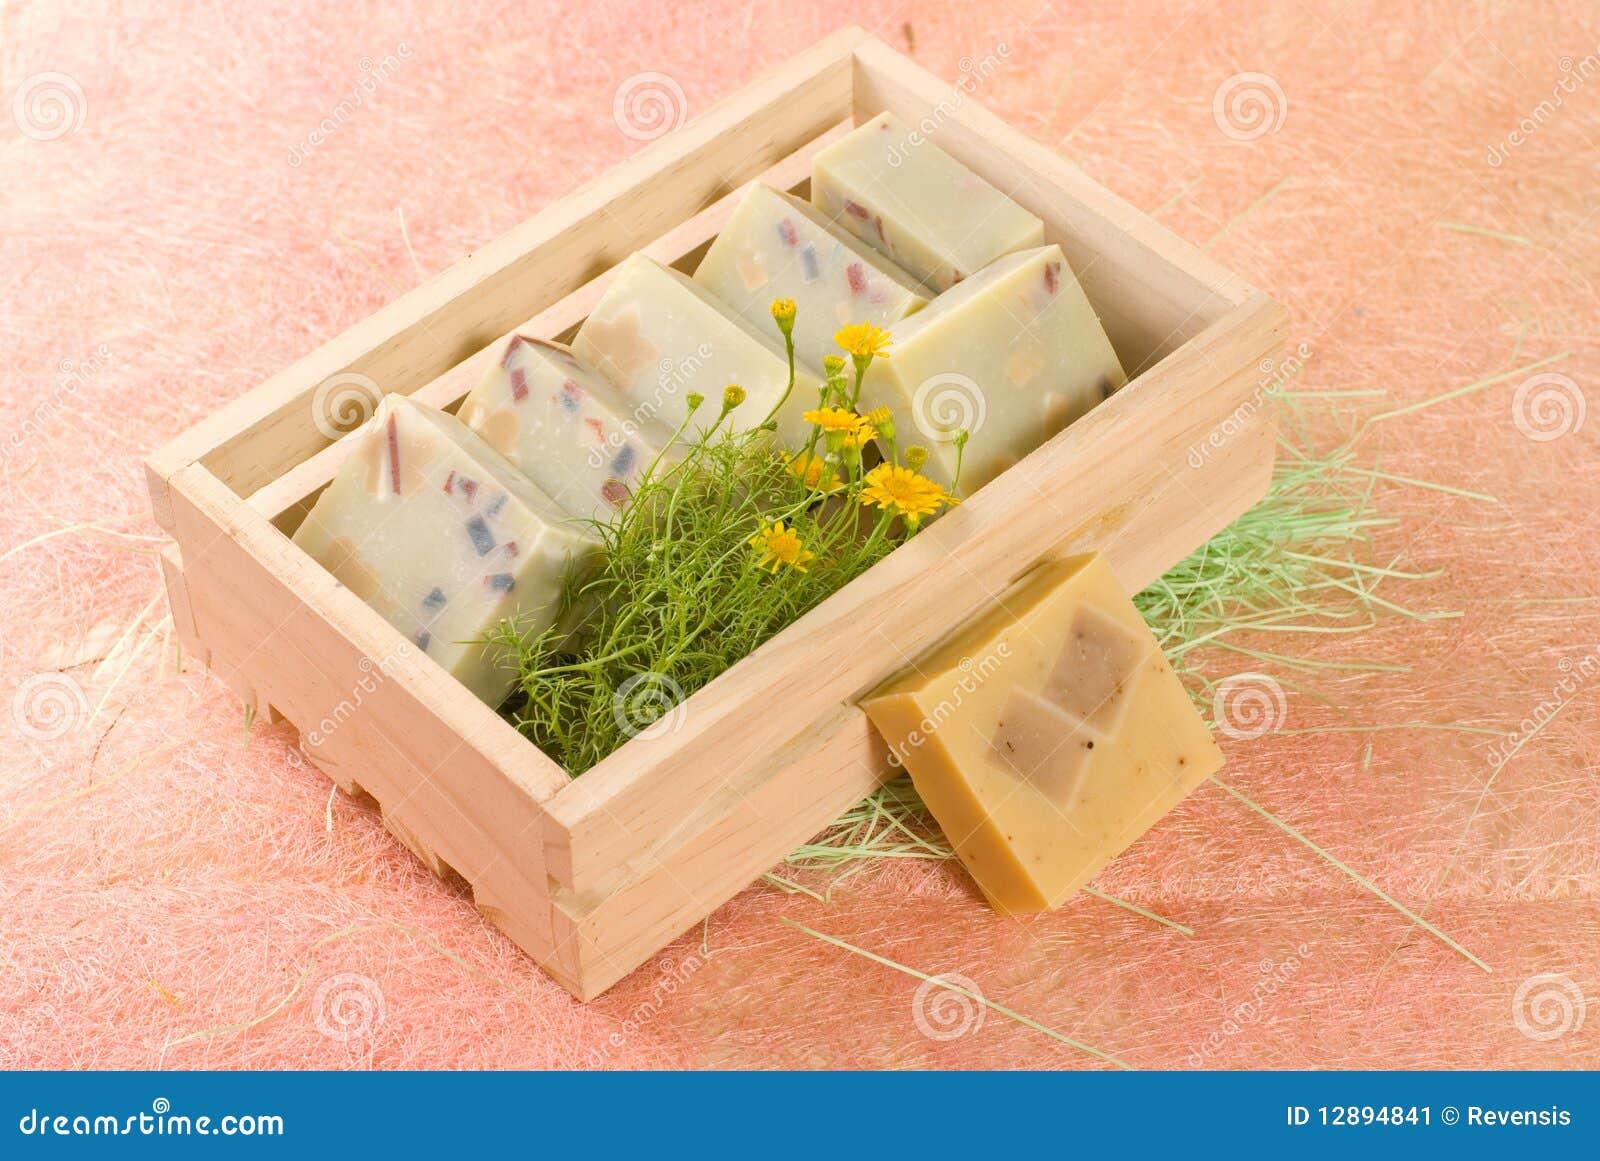 savon fait maison dans le cadre en bois image stock. Black Bedroom Furniture Sets. Home Design Ideas